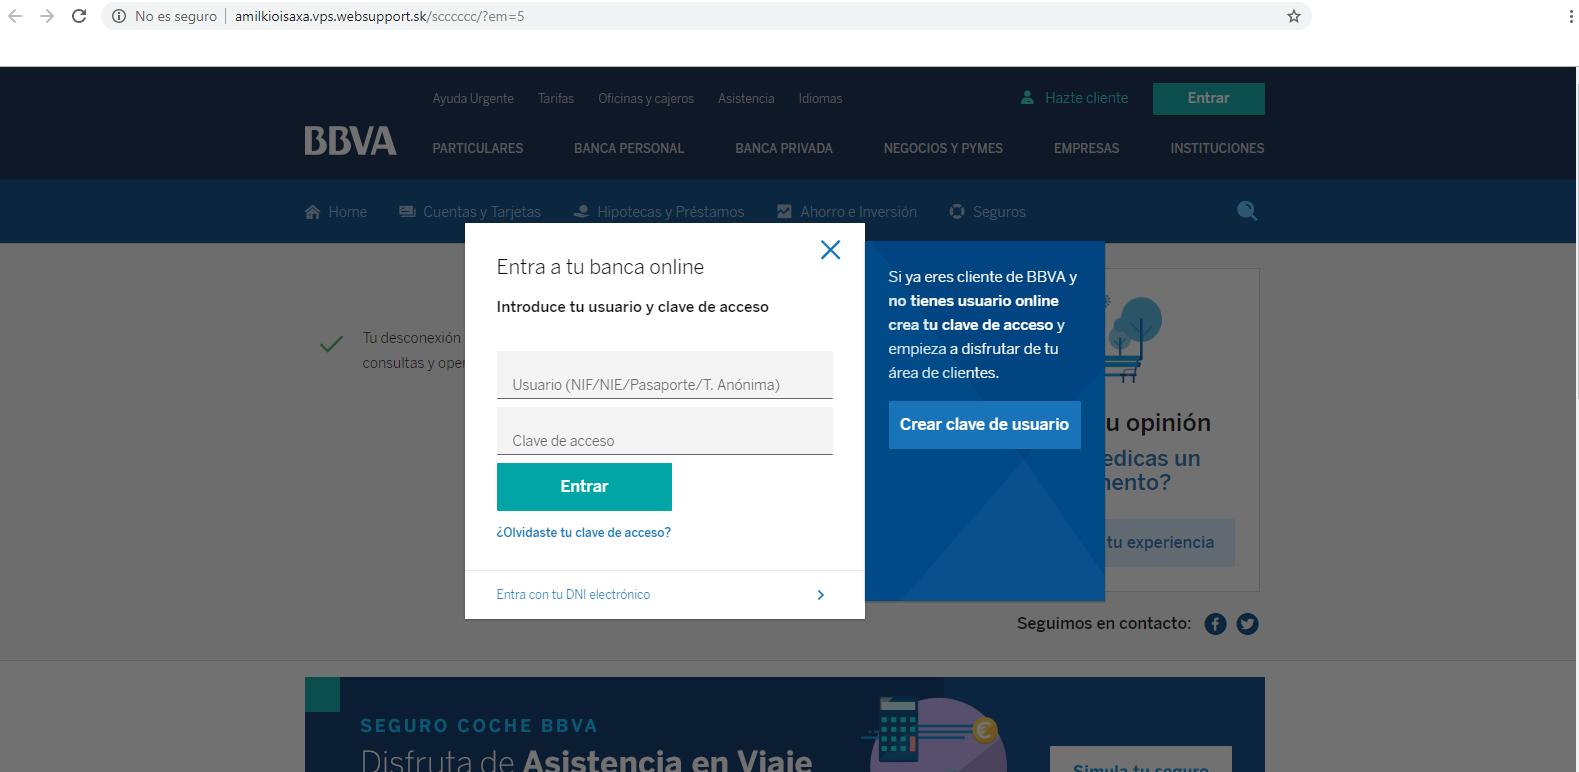 """""""phishing está suplantando la identidad de BBVA"""